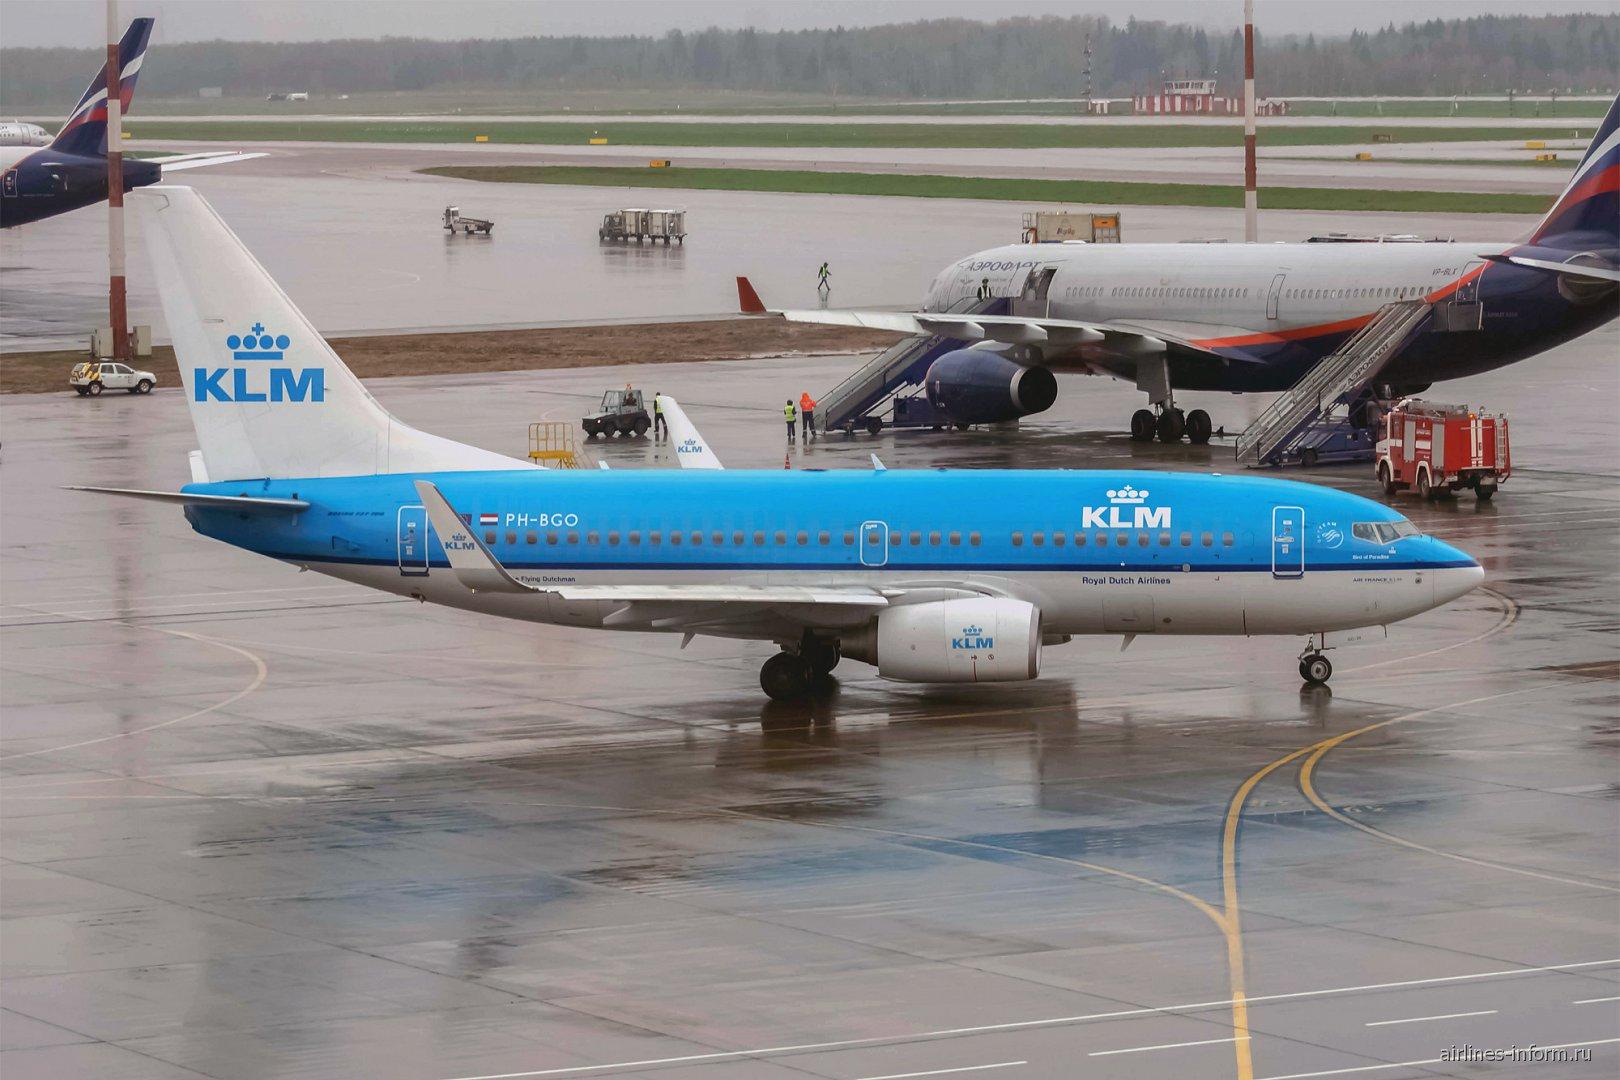 Boeing 737-300 PH-BGO авиакомпании KLM в аэропорту Шереметьево